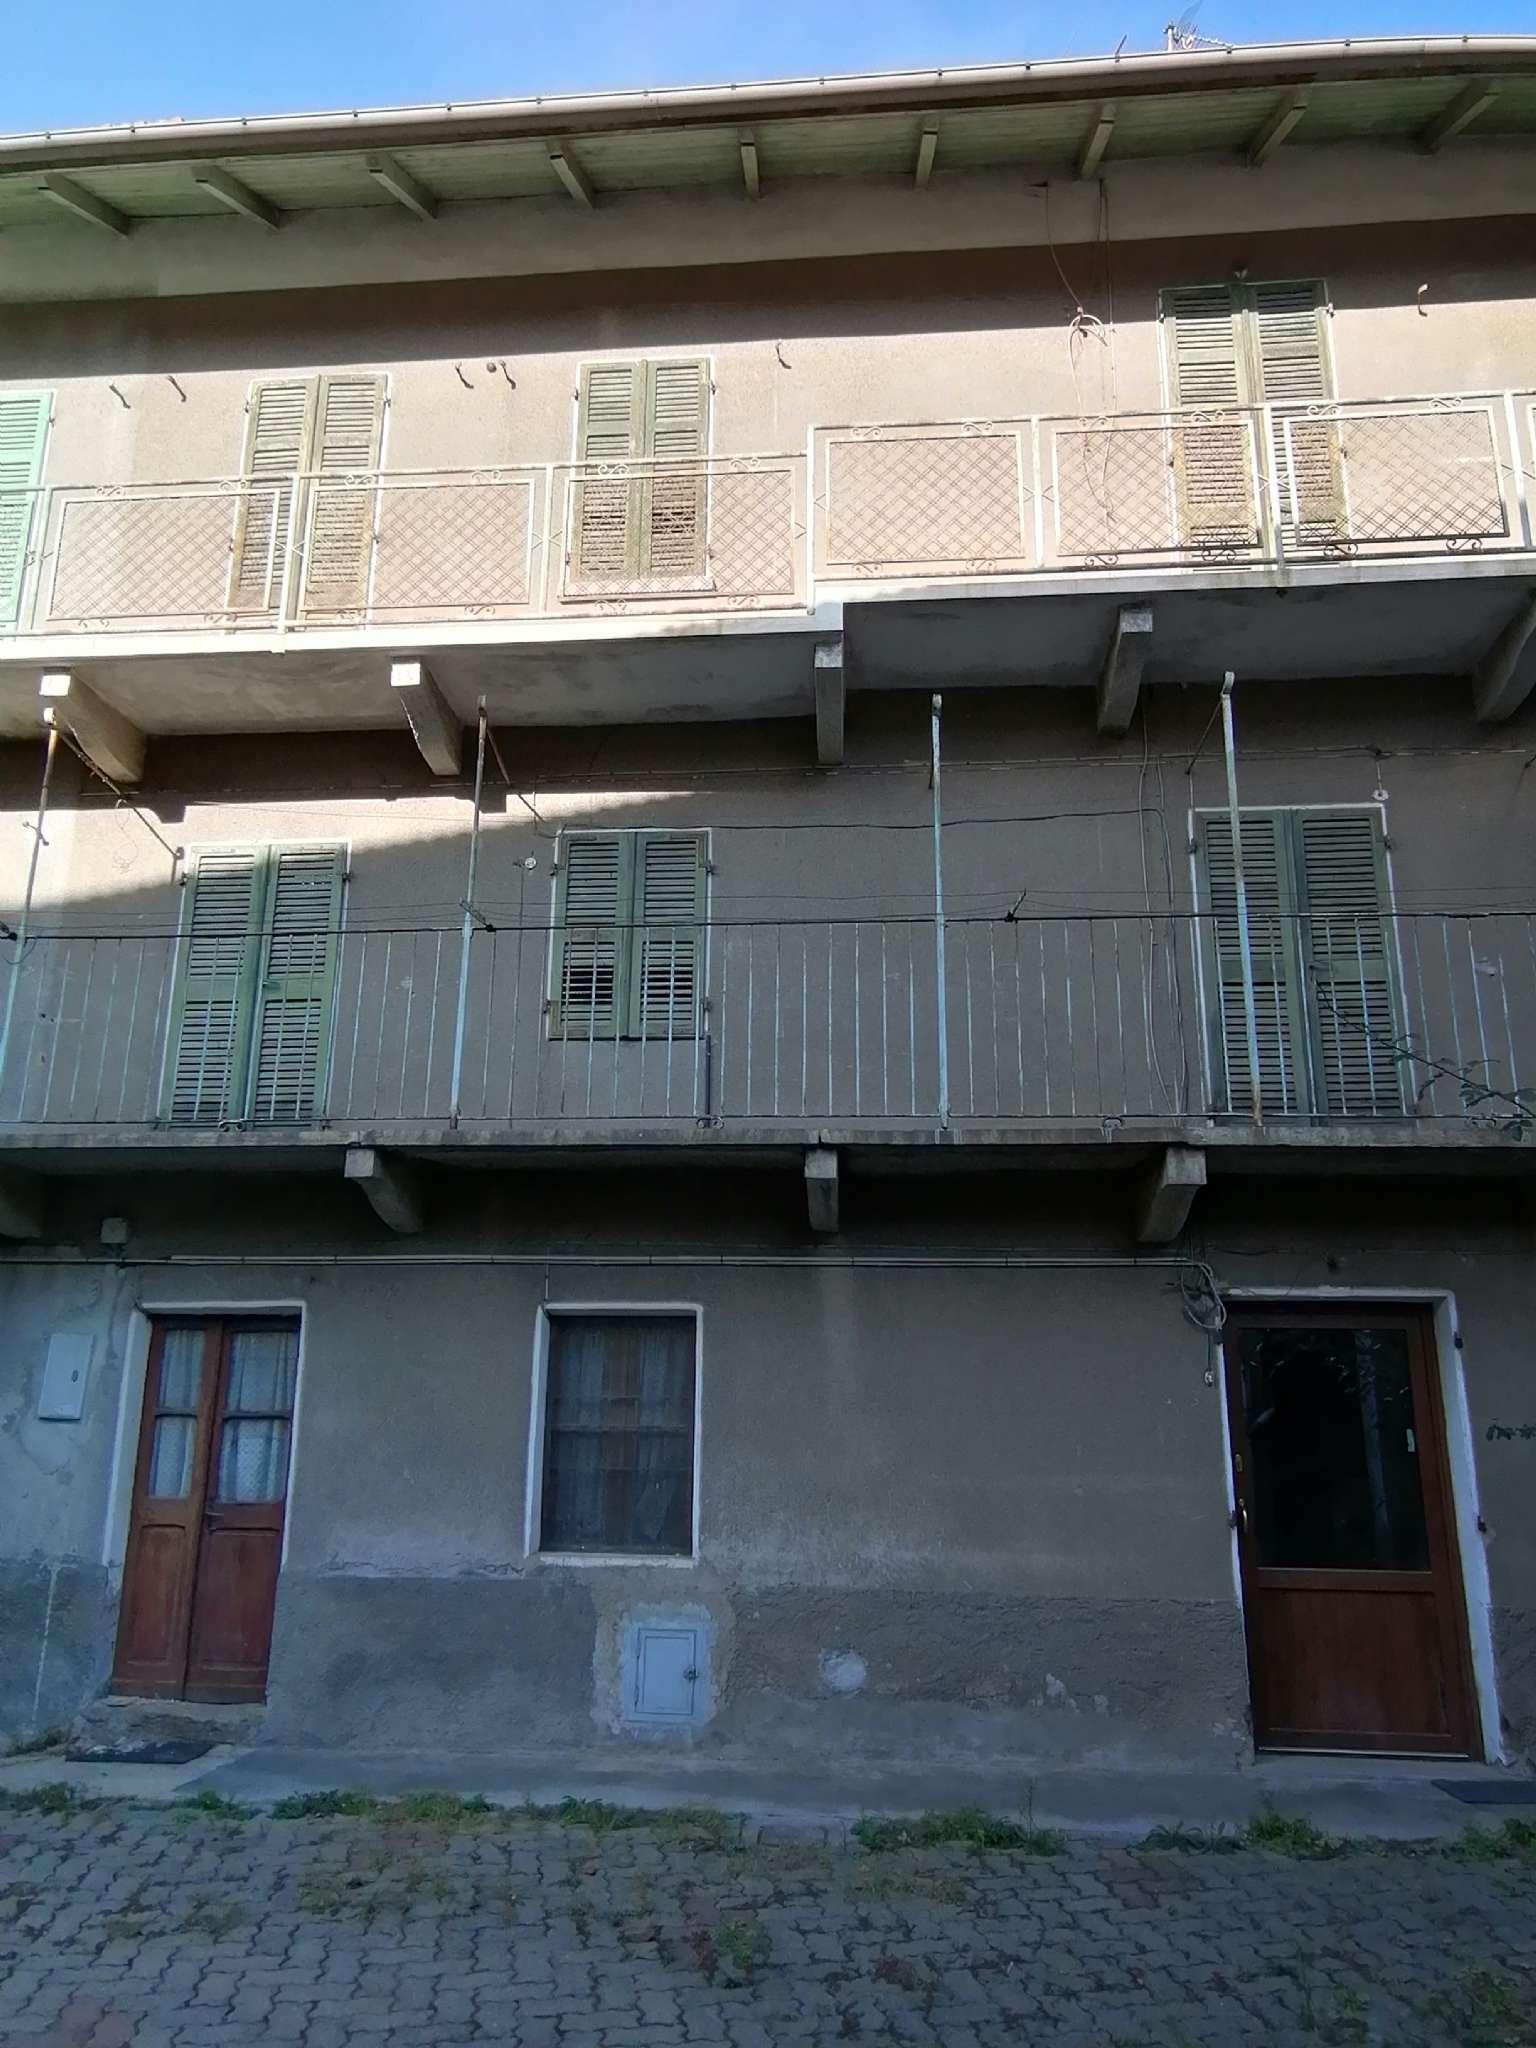 Palazzo / Stabile in vendita a Borgone Susa, 6 locali, prezzo € 35.000 | PortaleAgenzieImmobiliari.it